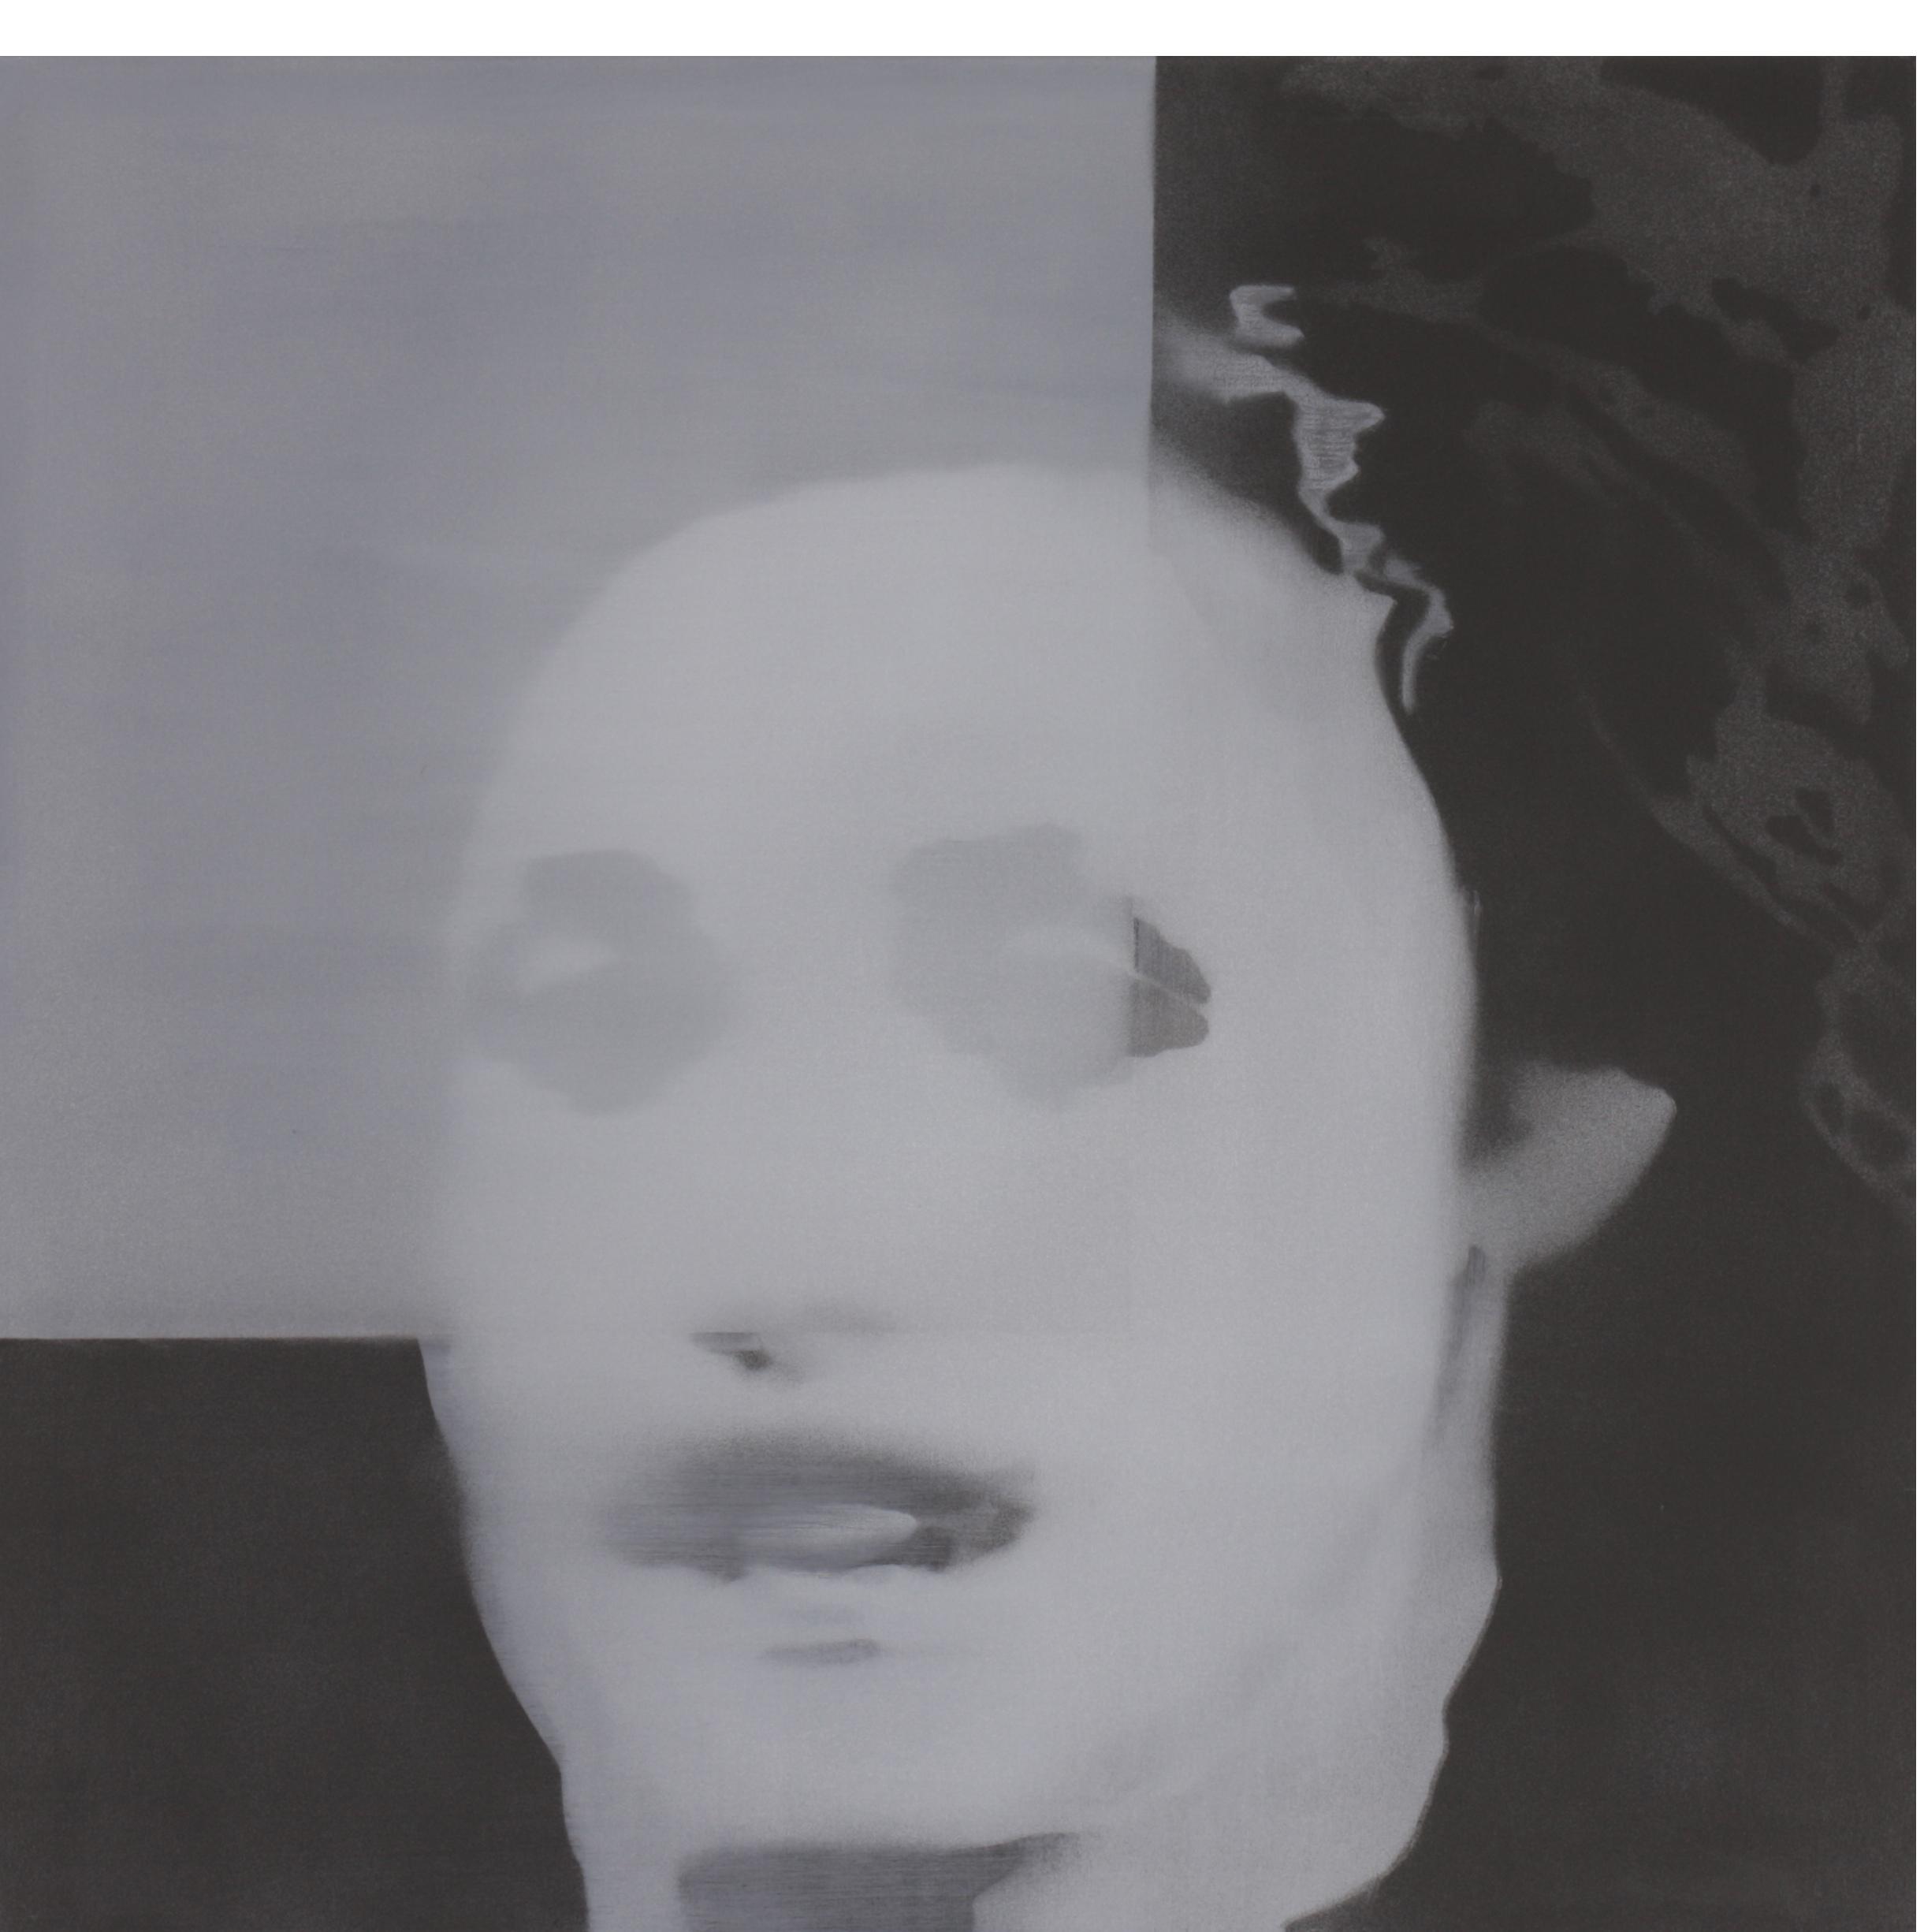 Kopie von 1412004 2014 Öl-Leinwand 150 x 150 cm